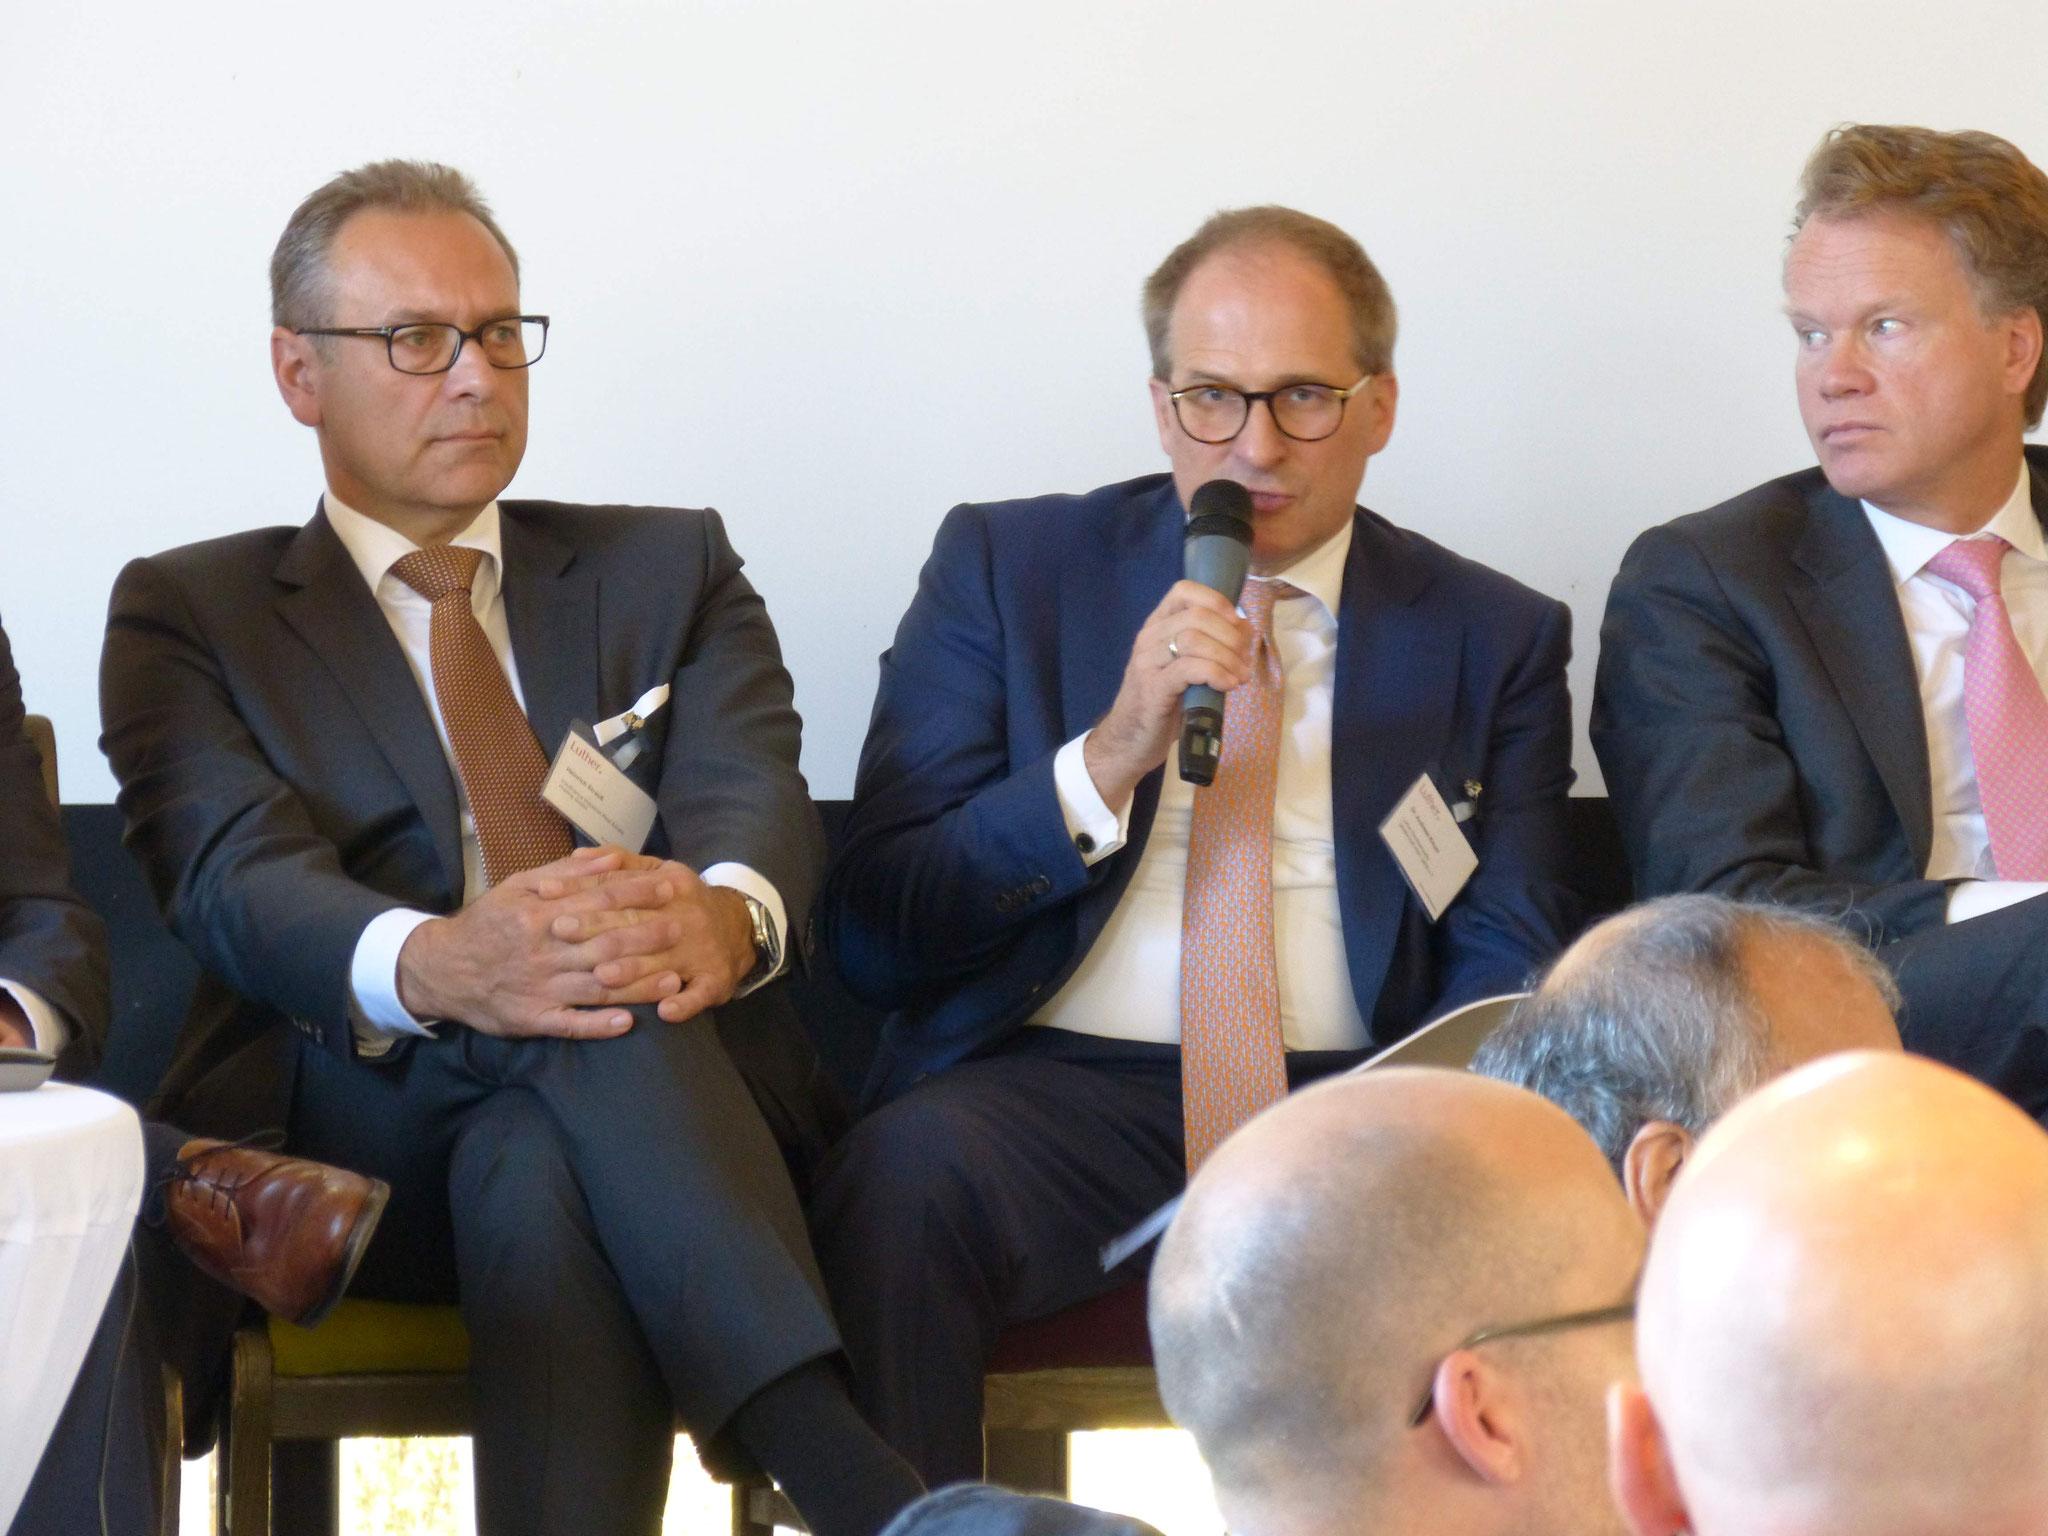 Souveräne Moderation von Dr. Kloyer (Mitte):  Heinrich Strauß (InsofinanceIndustrial Real Estate Holding GmbH), links - Carl-Jan von der Goltz